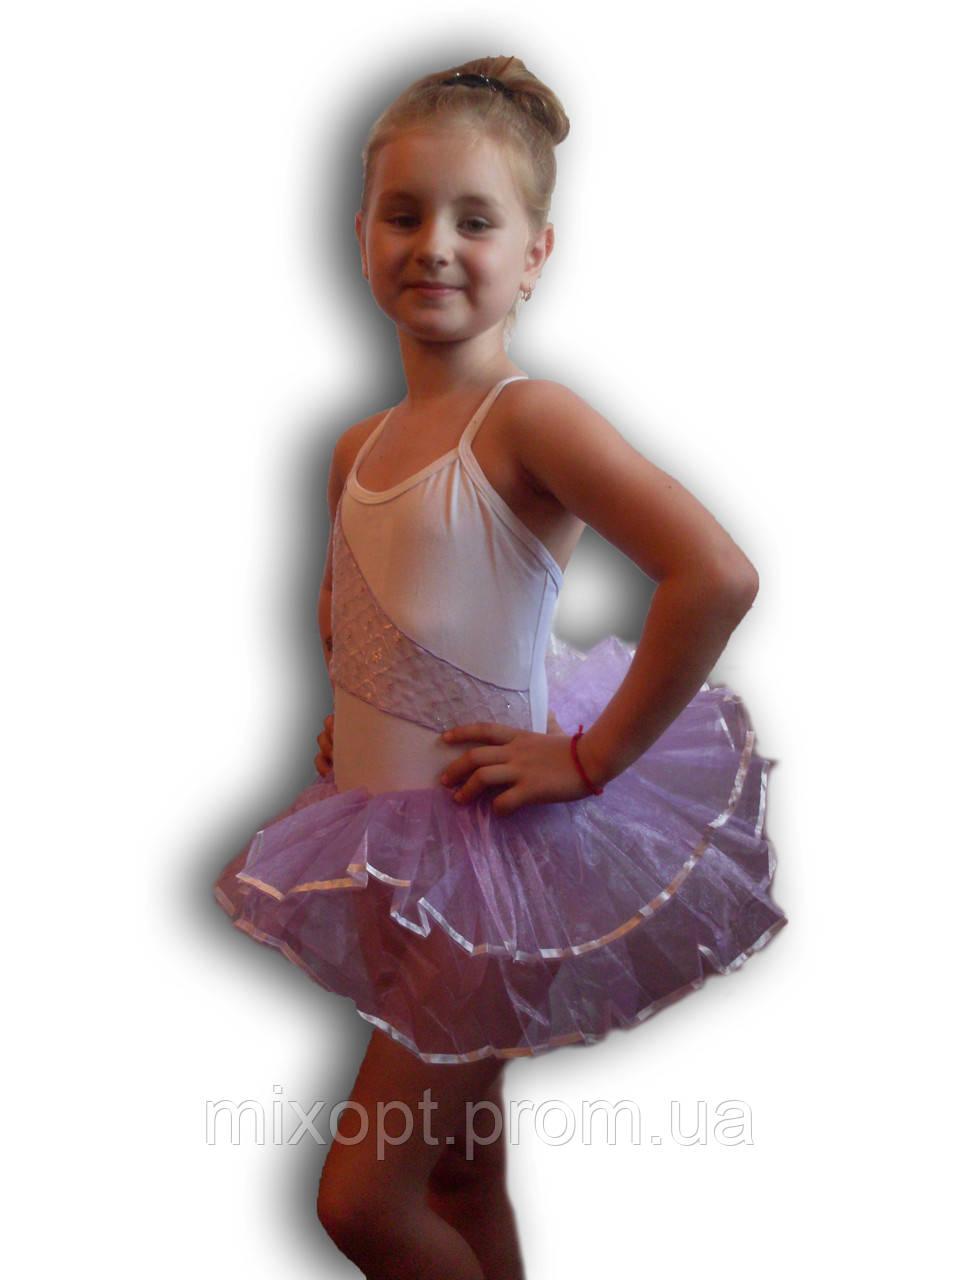 Купальник - пачка для гимнастики и танцев. Белый. Rivage Line 0220B